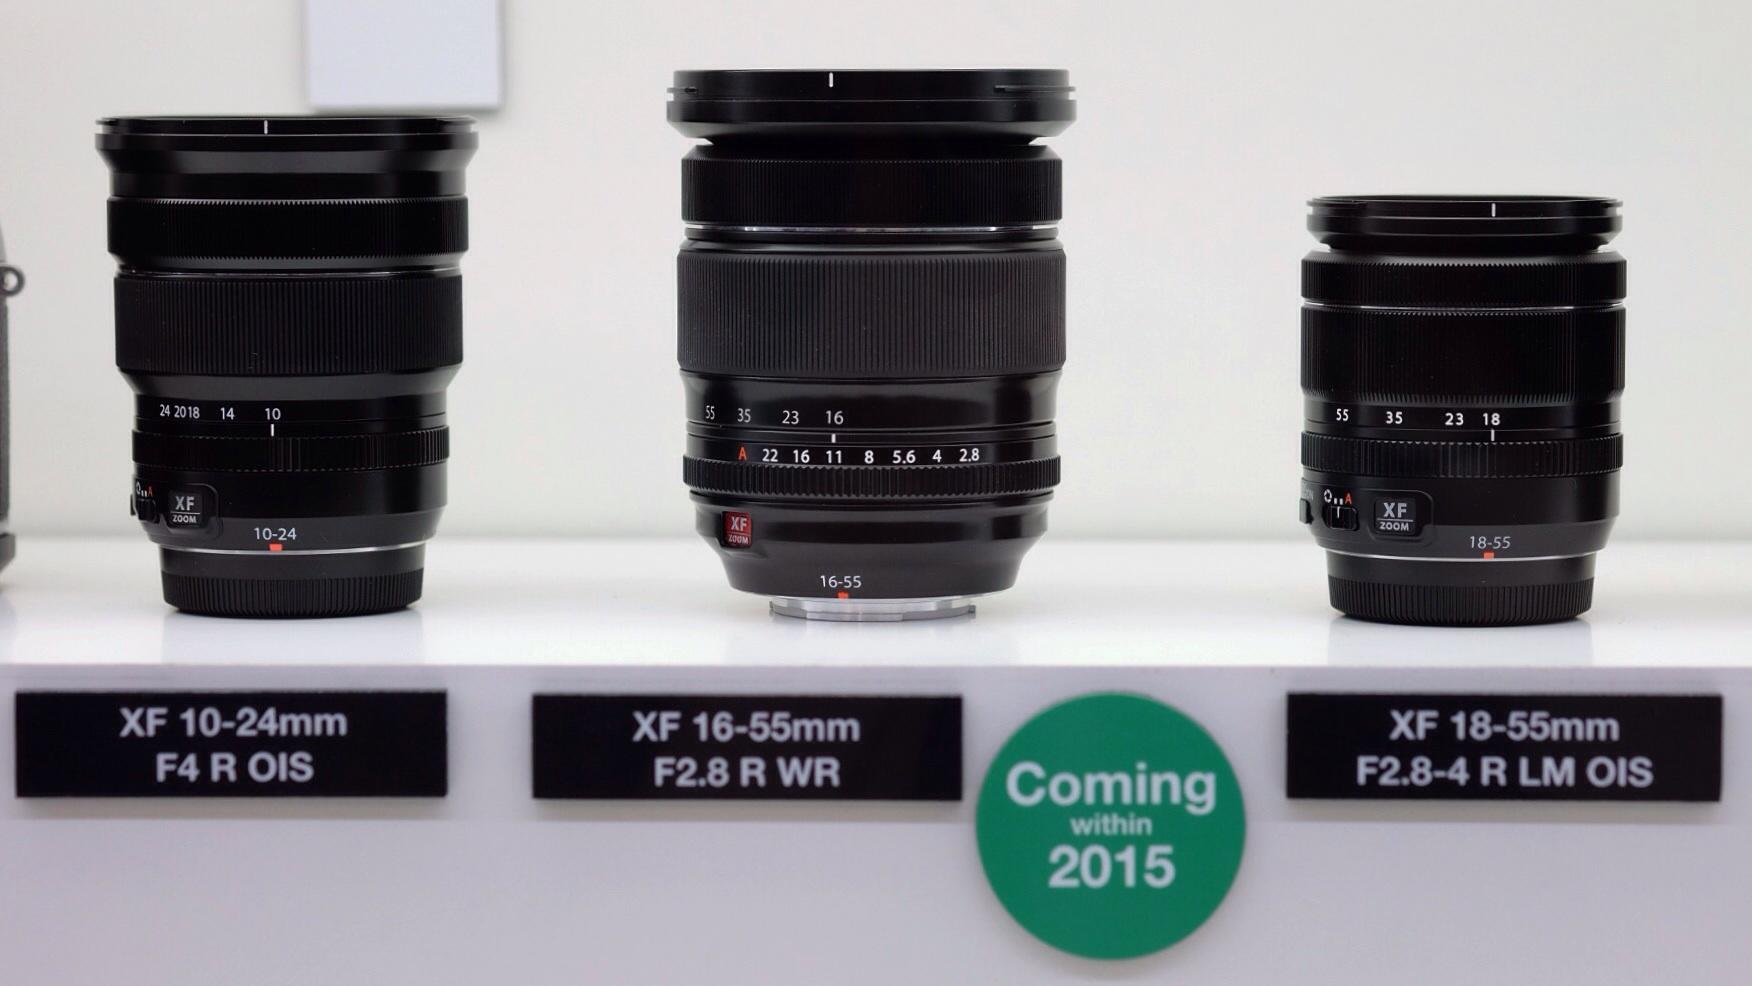 Fuji Fujifilm XF FUJINON 10-24mm f4 16-55mm f2.8 18-55mm f2.8-4.jpg